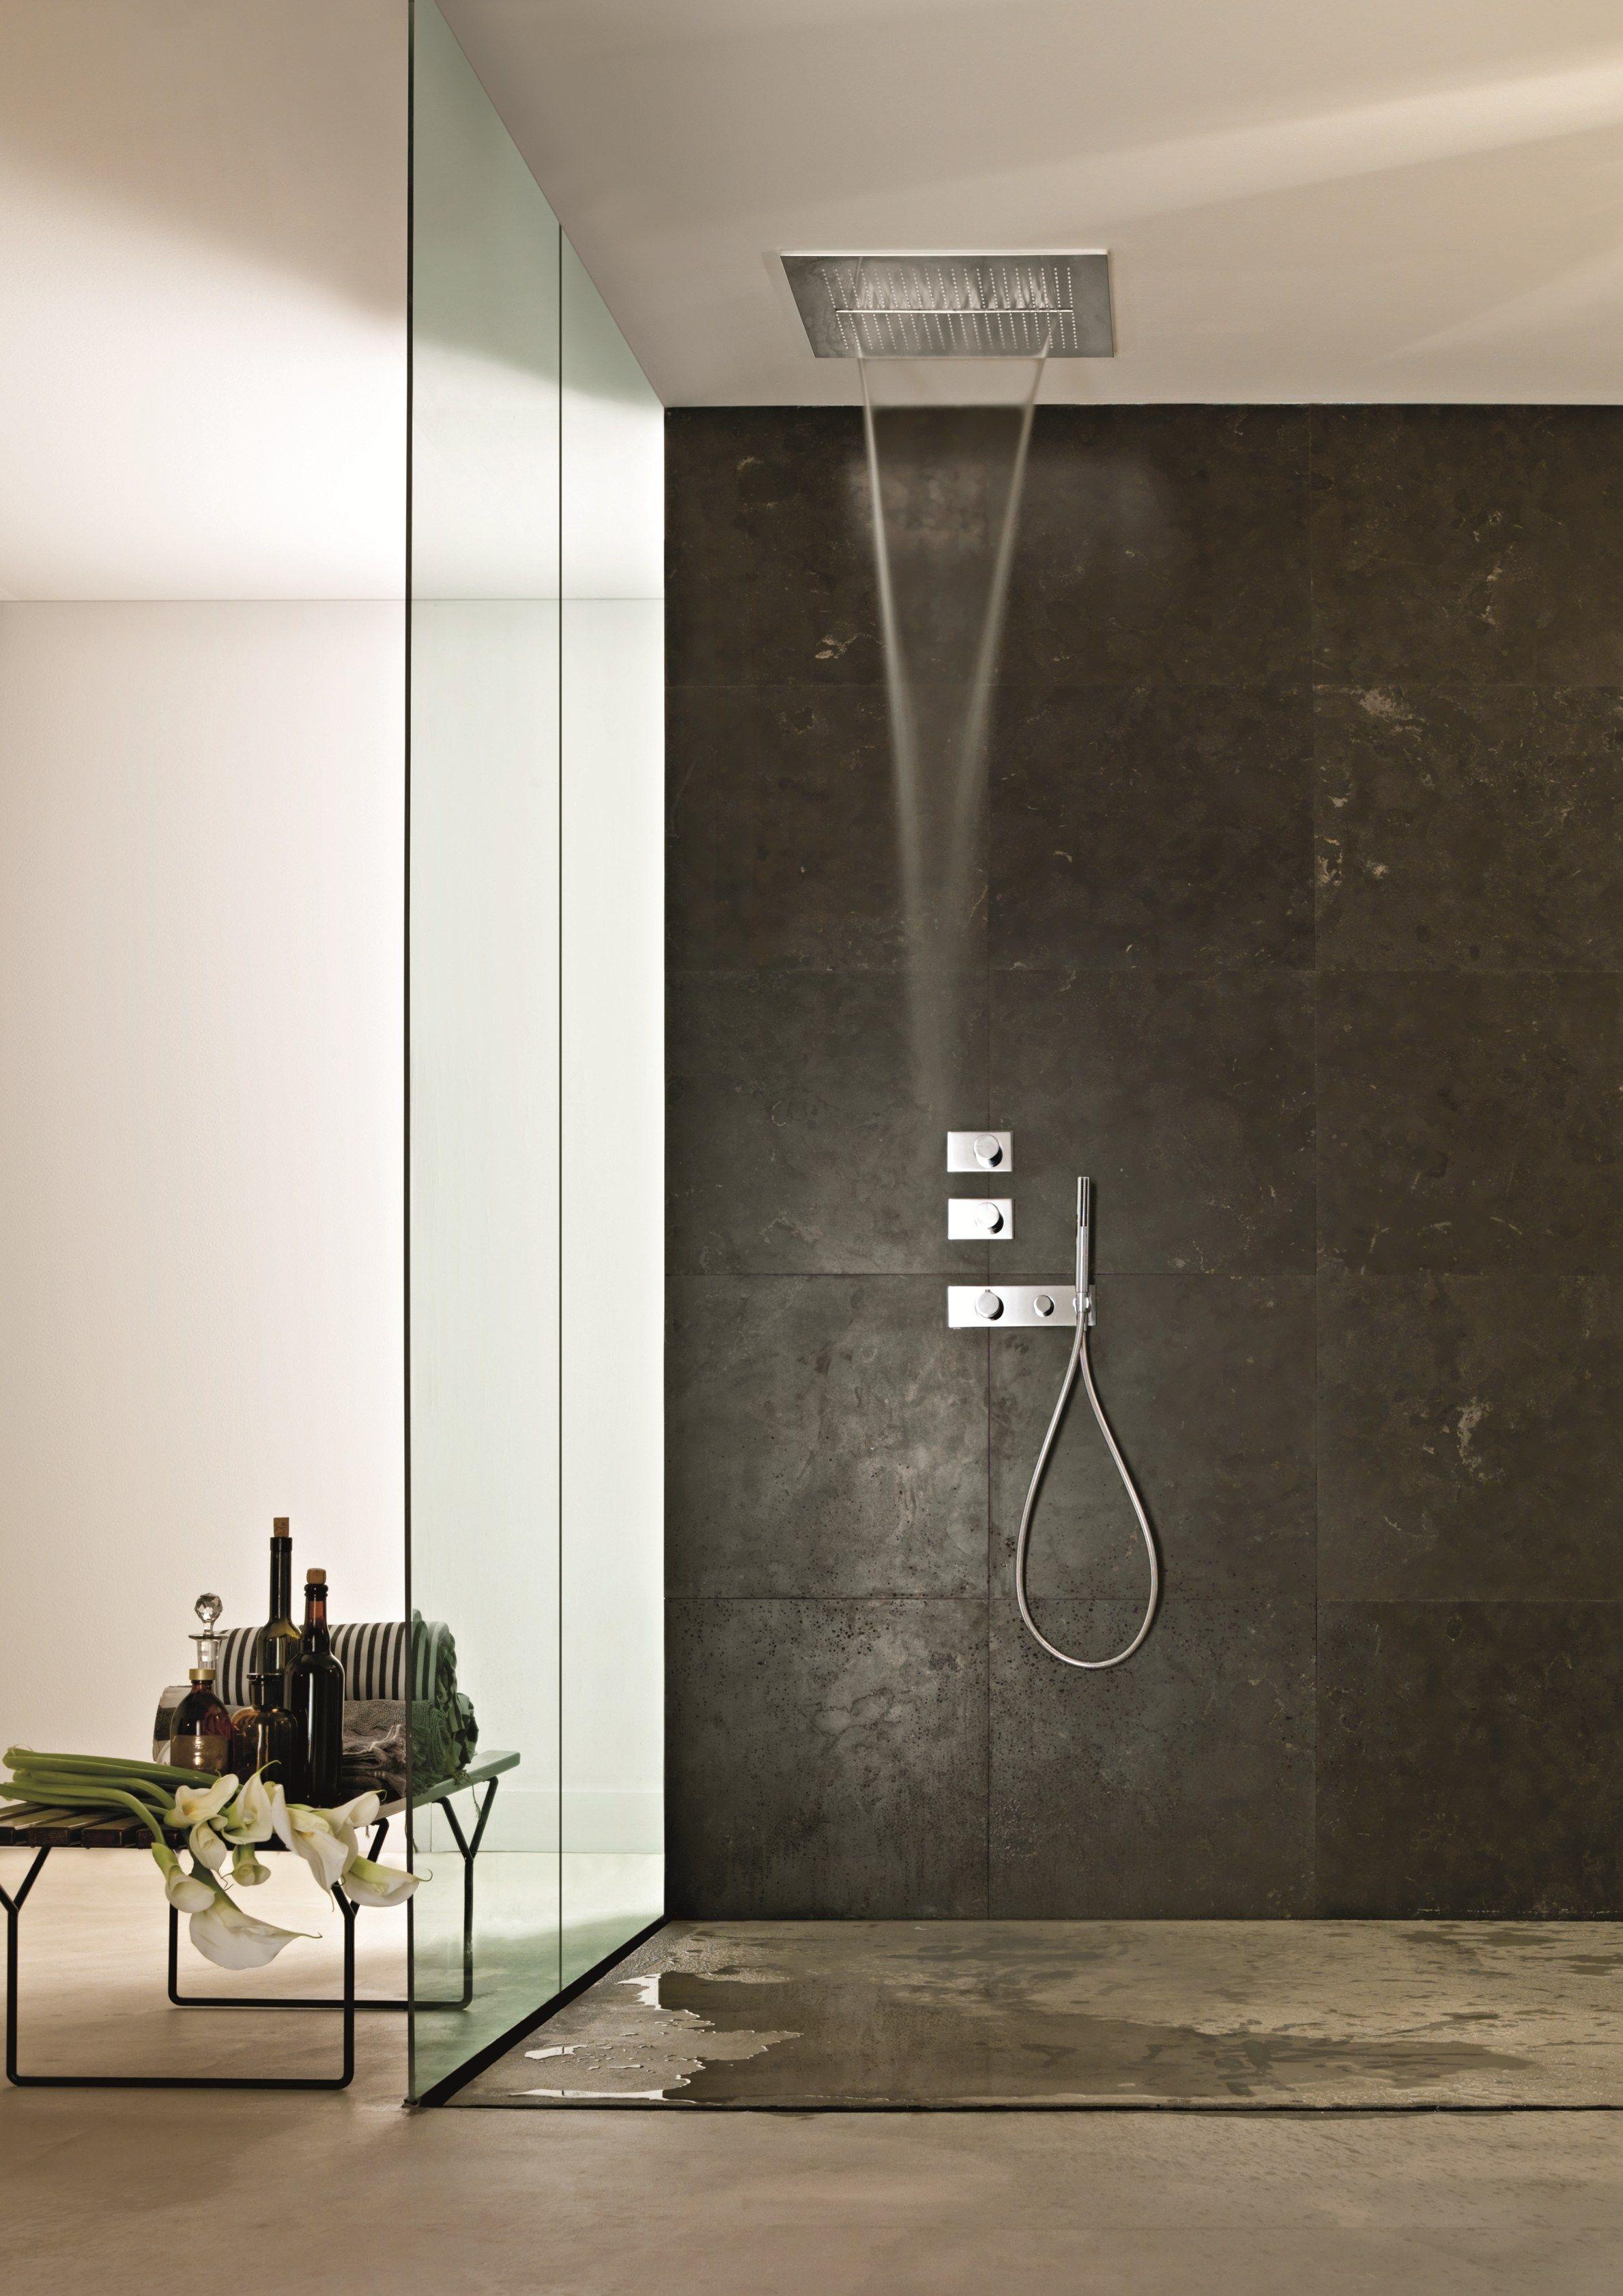 Acqua zone soffione by fantini rubinetti design franco - Dove posizionare soffione doccia ...